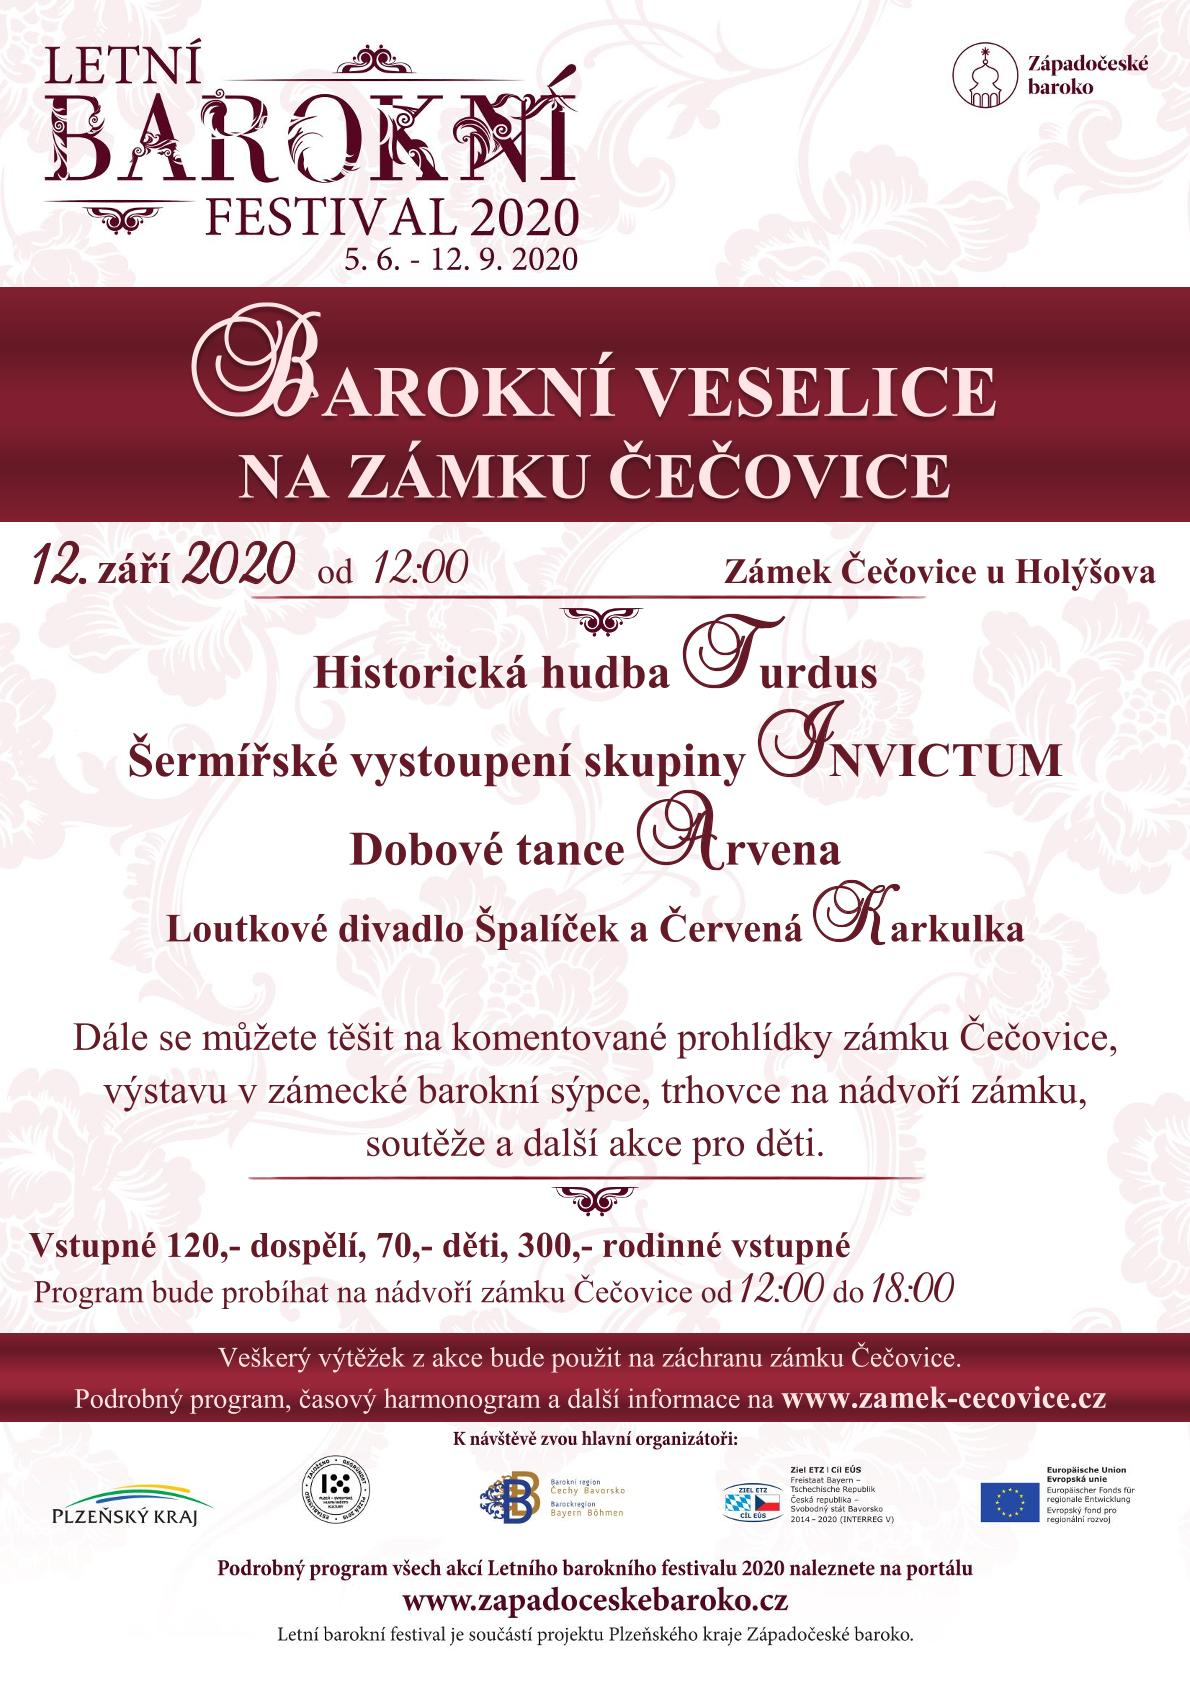 Barokní veselice na zámku Čečovice 2020